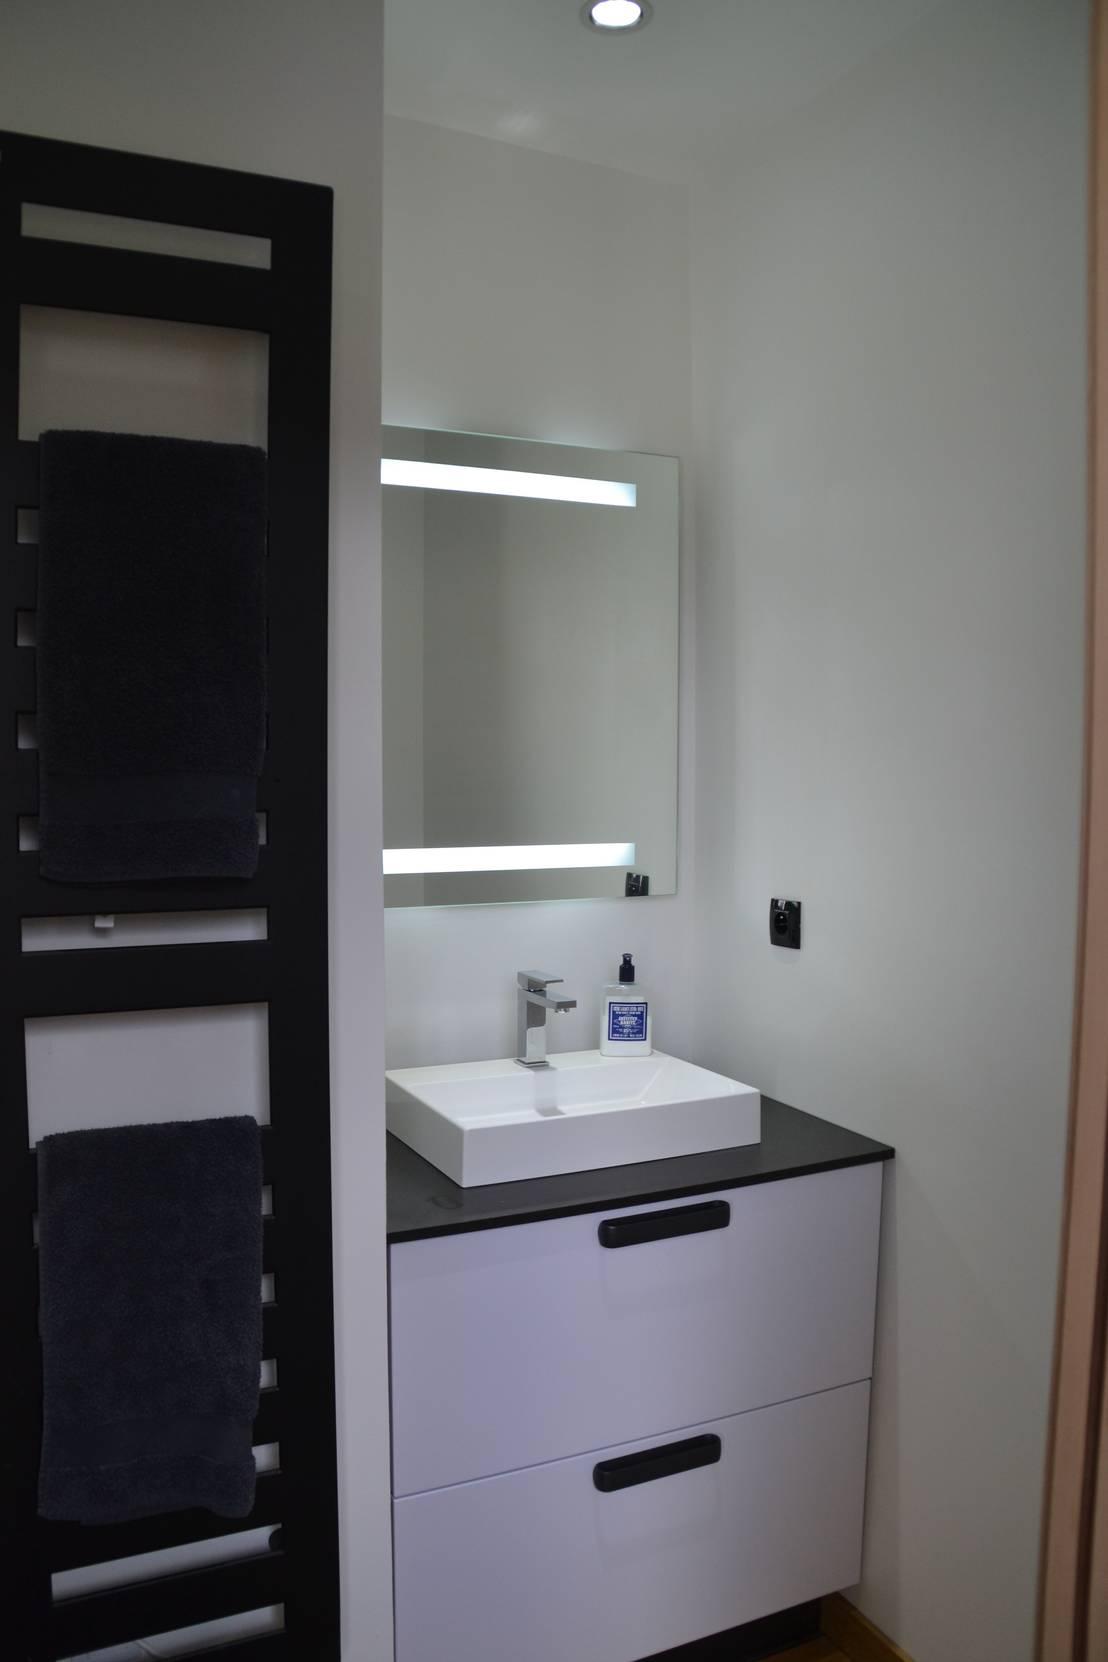 Am nagement d 39 une petite salle d 39 eau pour enfants par optireno homify - Amenagement petite salle d eau ...